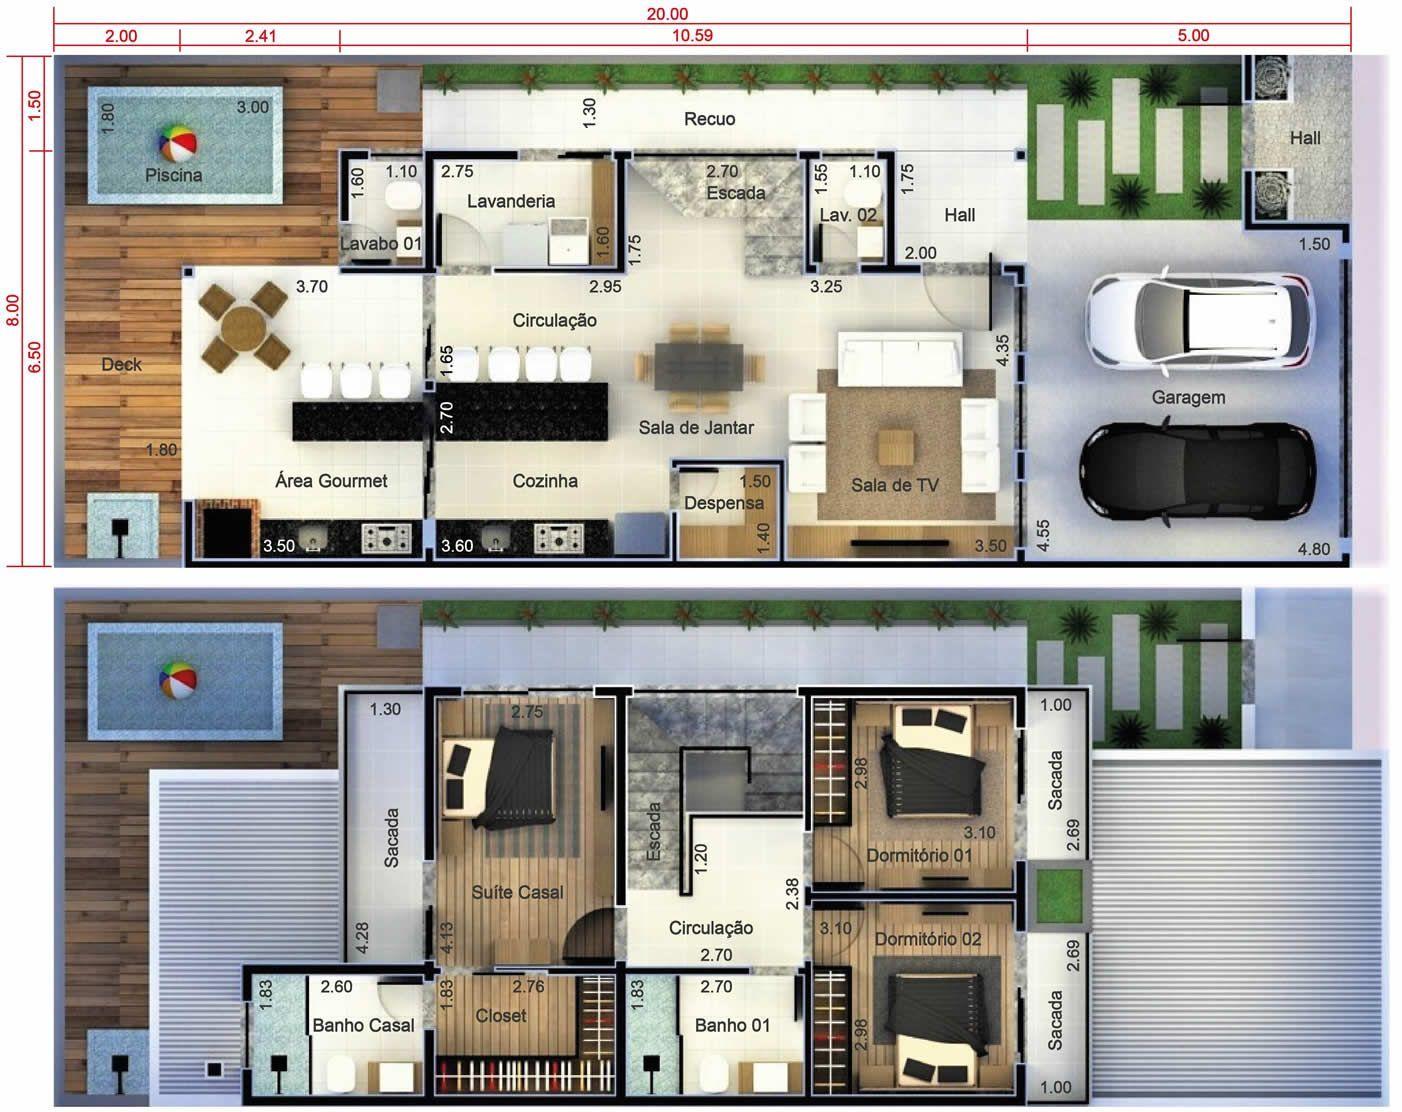 Plano de casa con 2 dormitorios y 1 suite. Plano para